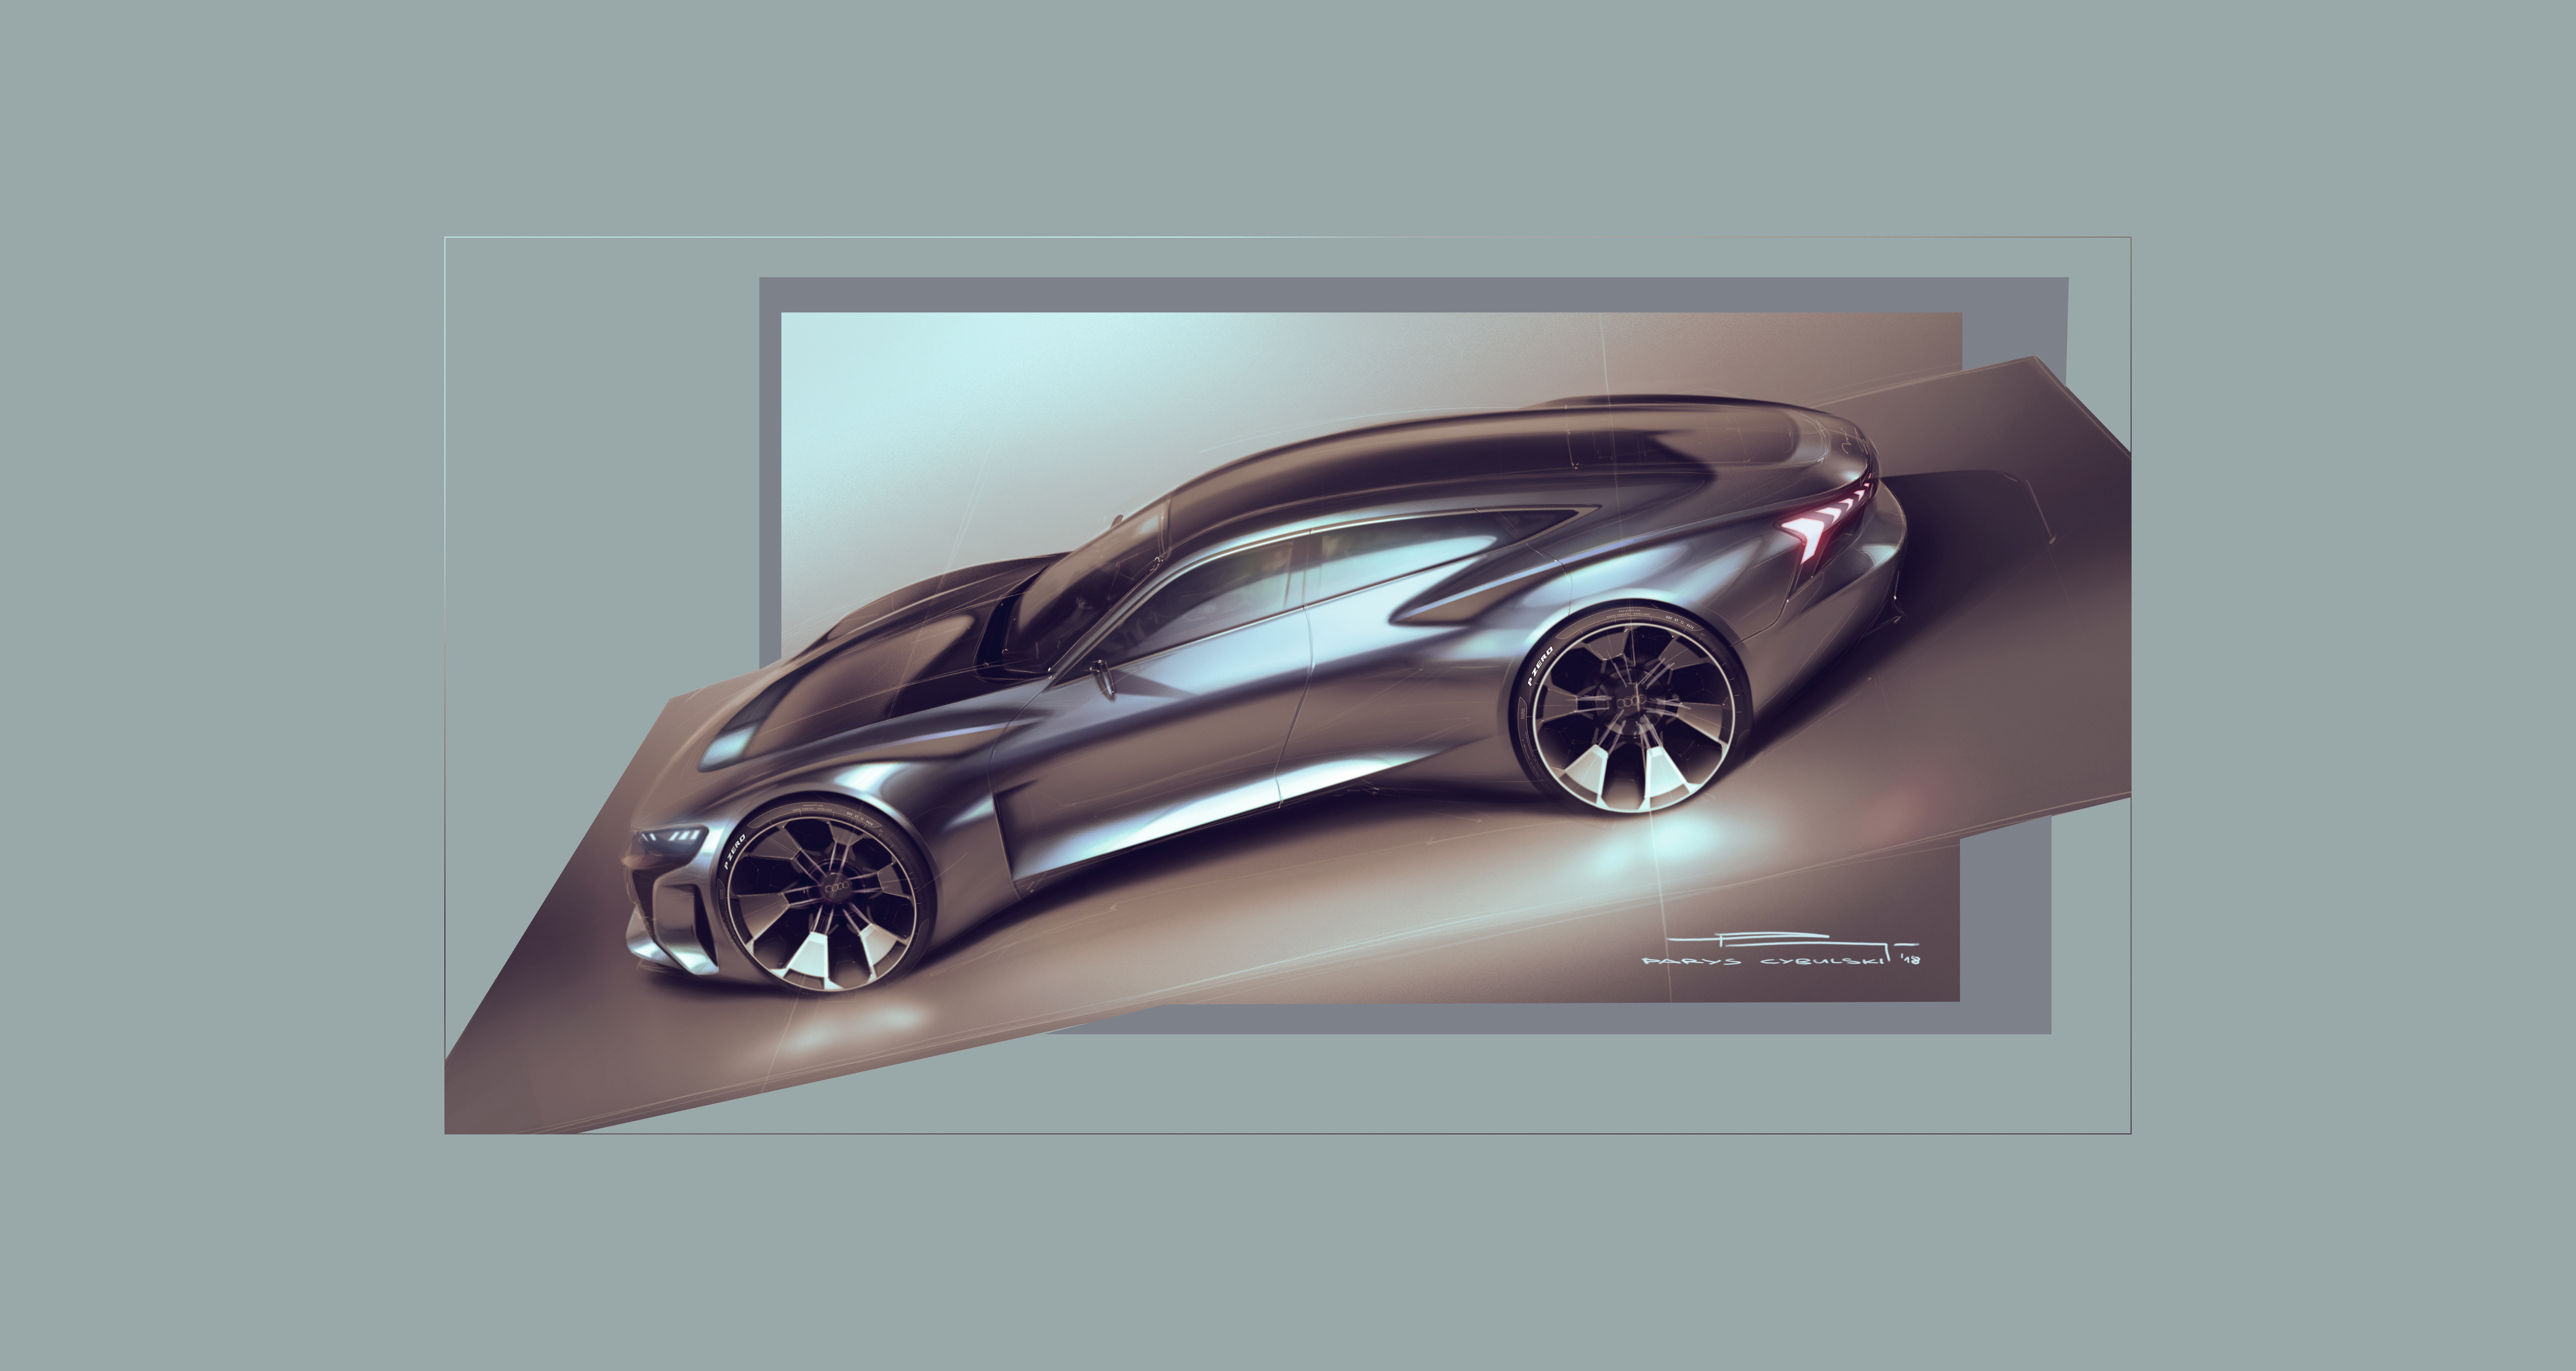 A1814520 large - Audi E-tron GT concept 2019 4k - audi etron 2019 4k wallpapers, Audi E-tron GT concept 4k 2019, audi concept hd 4k wallpapers, audi 2019 etron hd 4k wallpapers